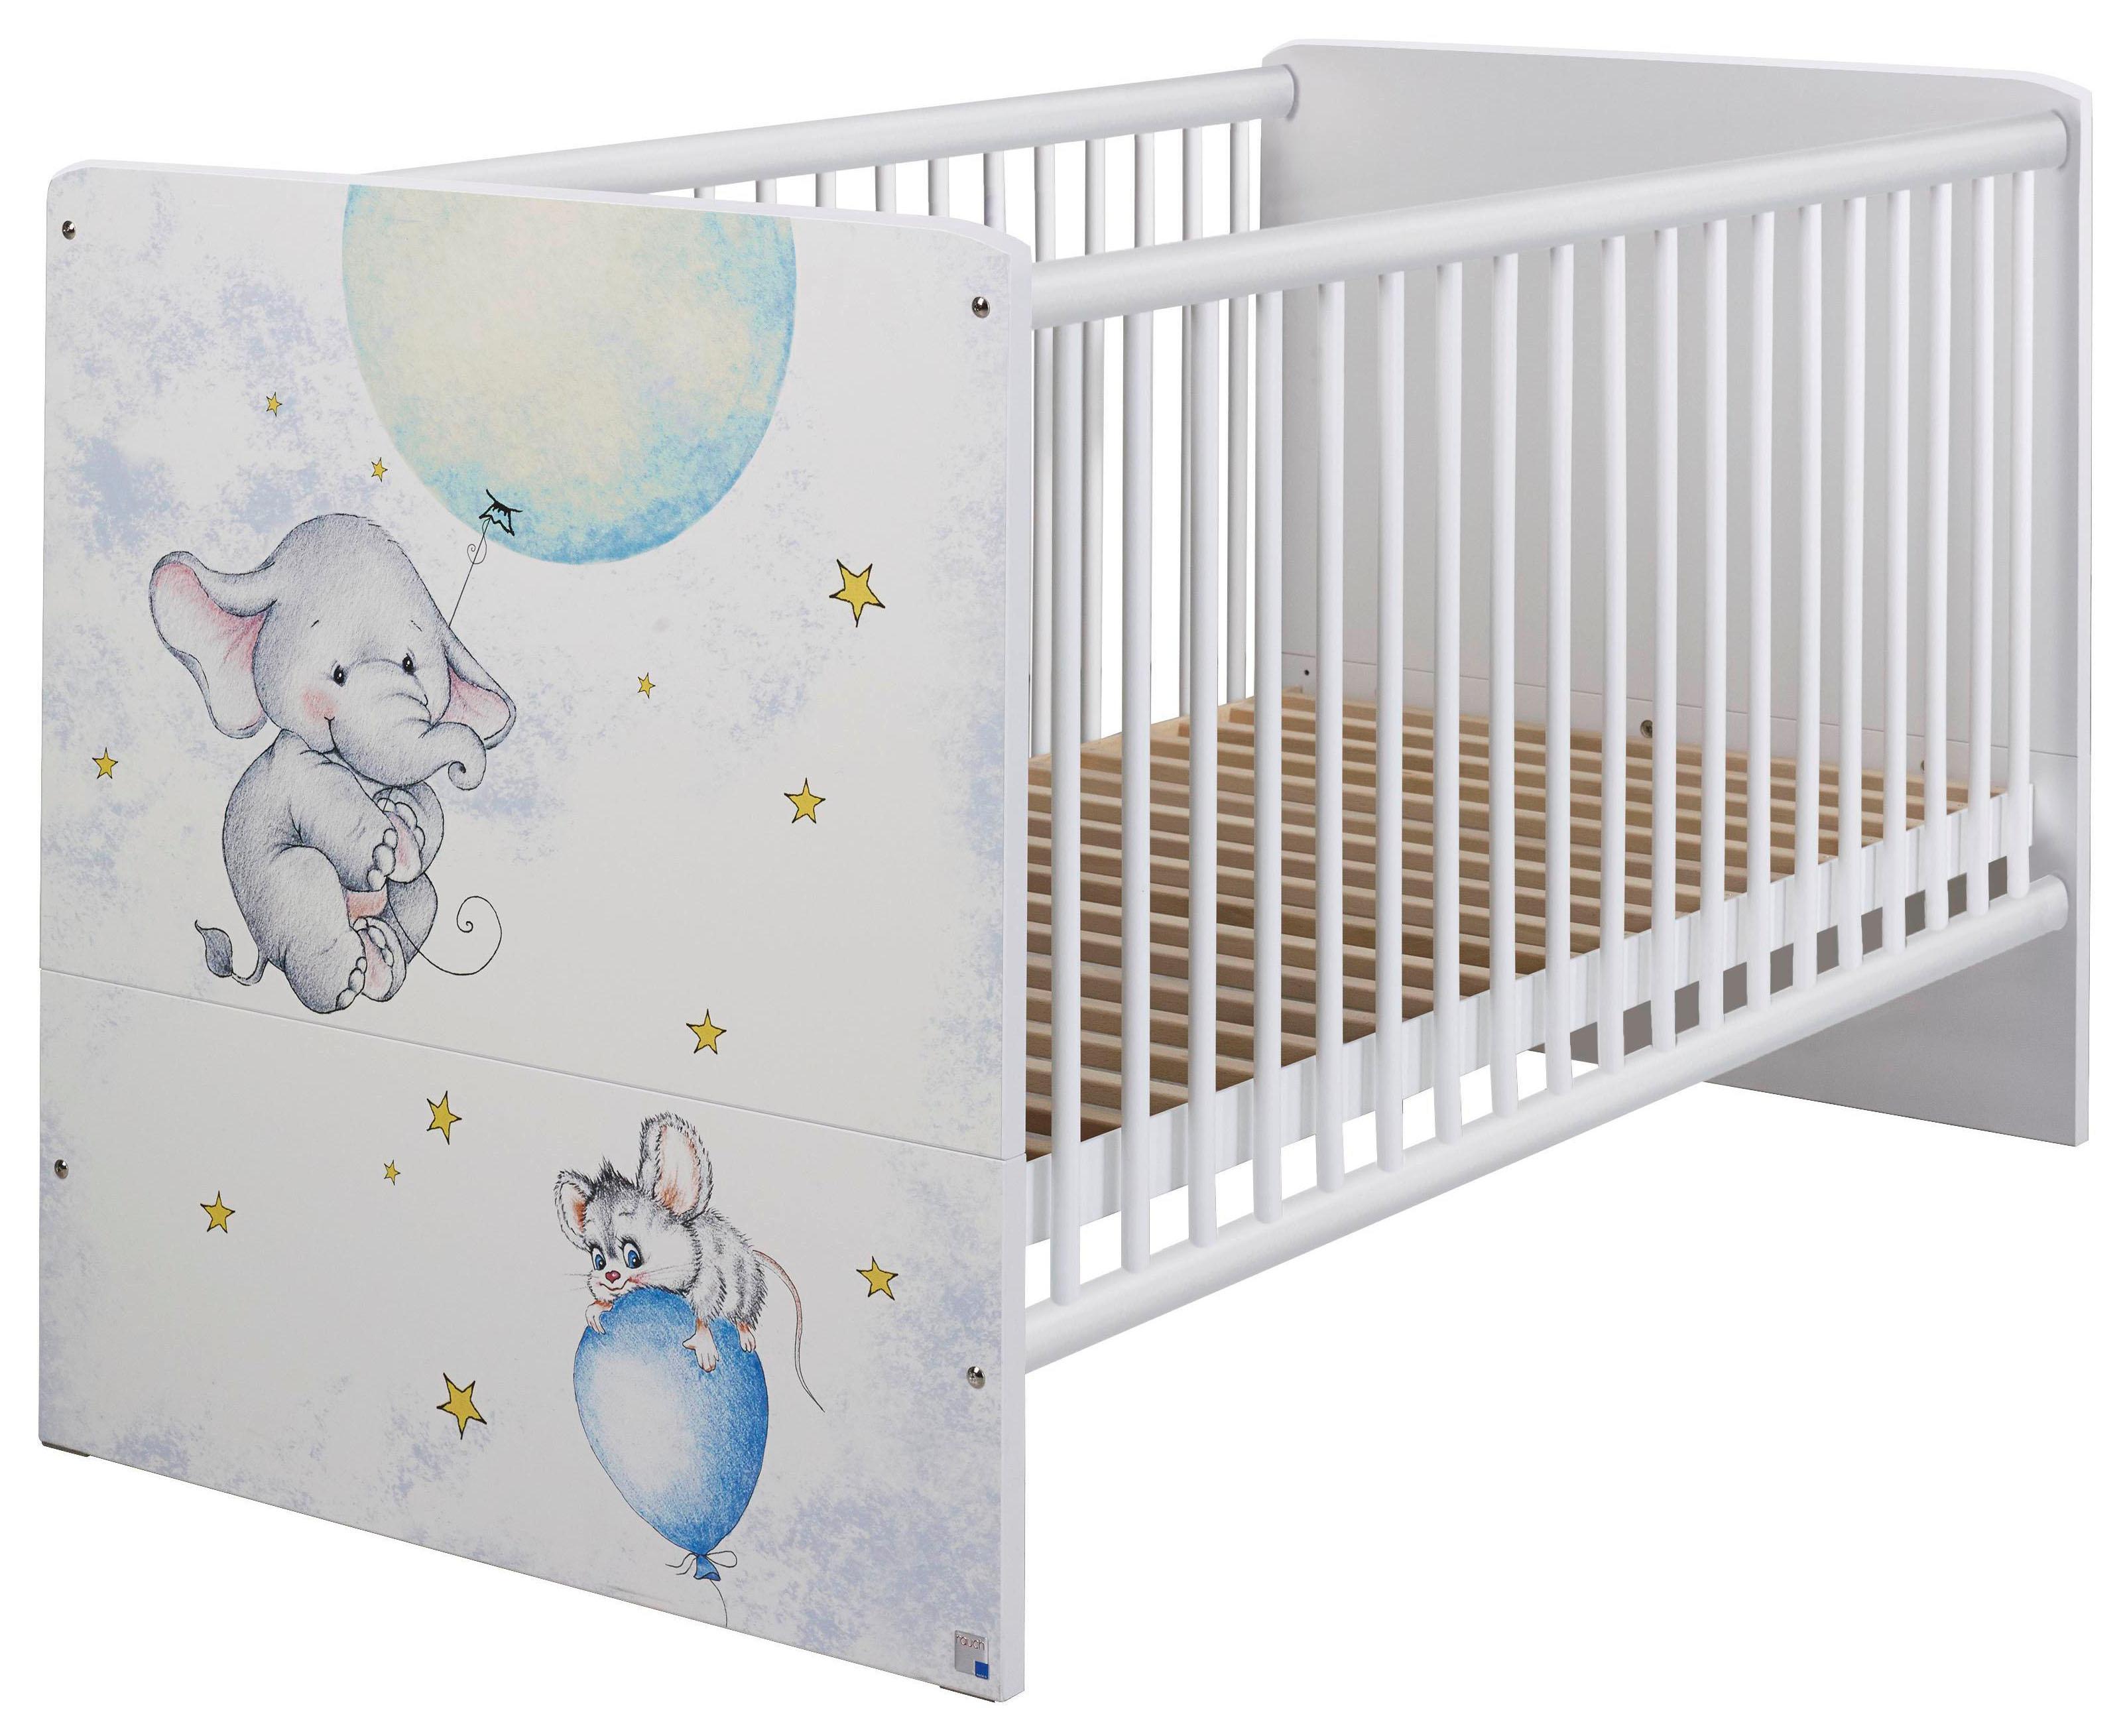 Rauch moebel babybetten & babywiegen online kaufen möbel